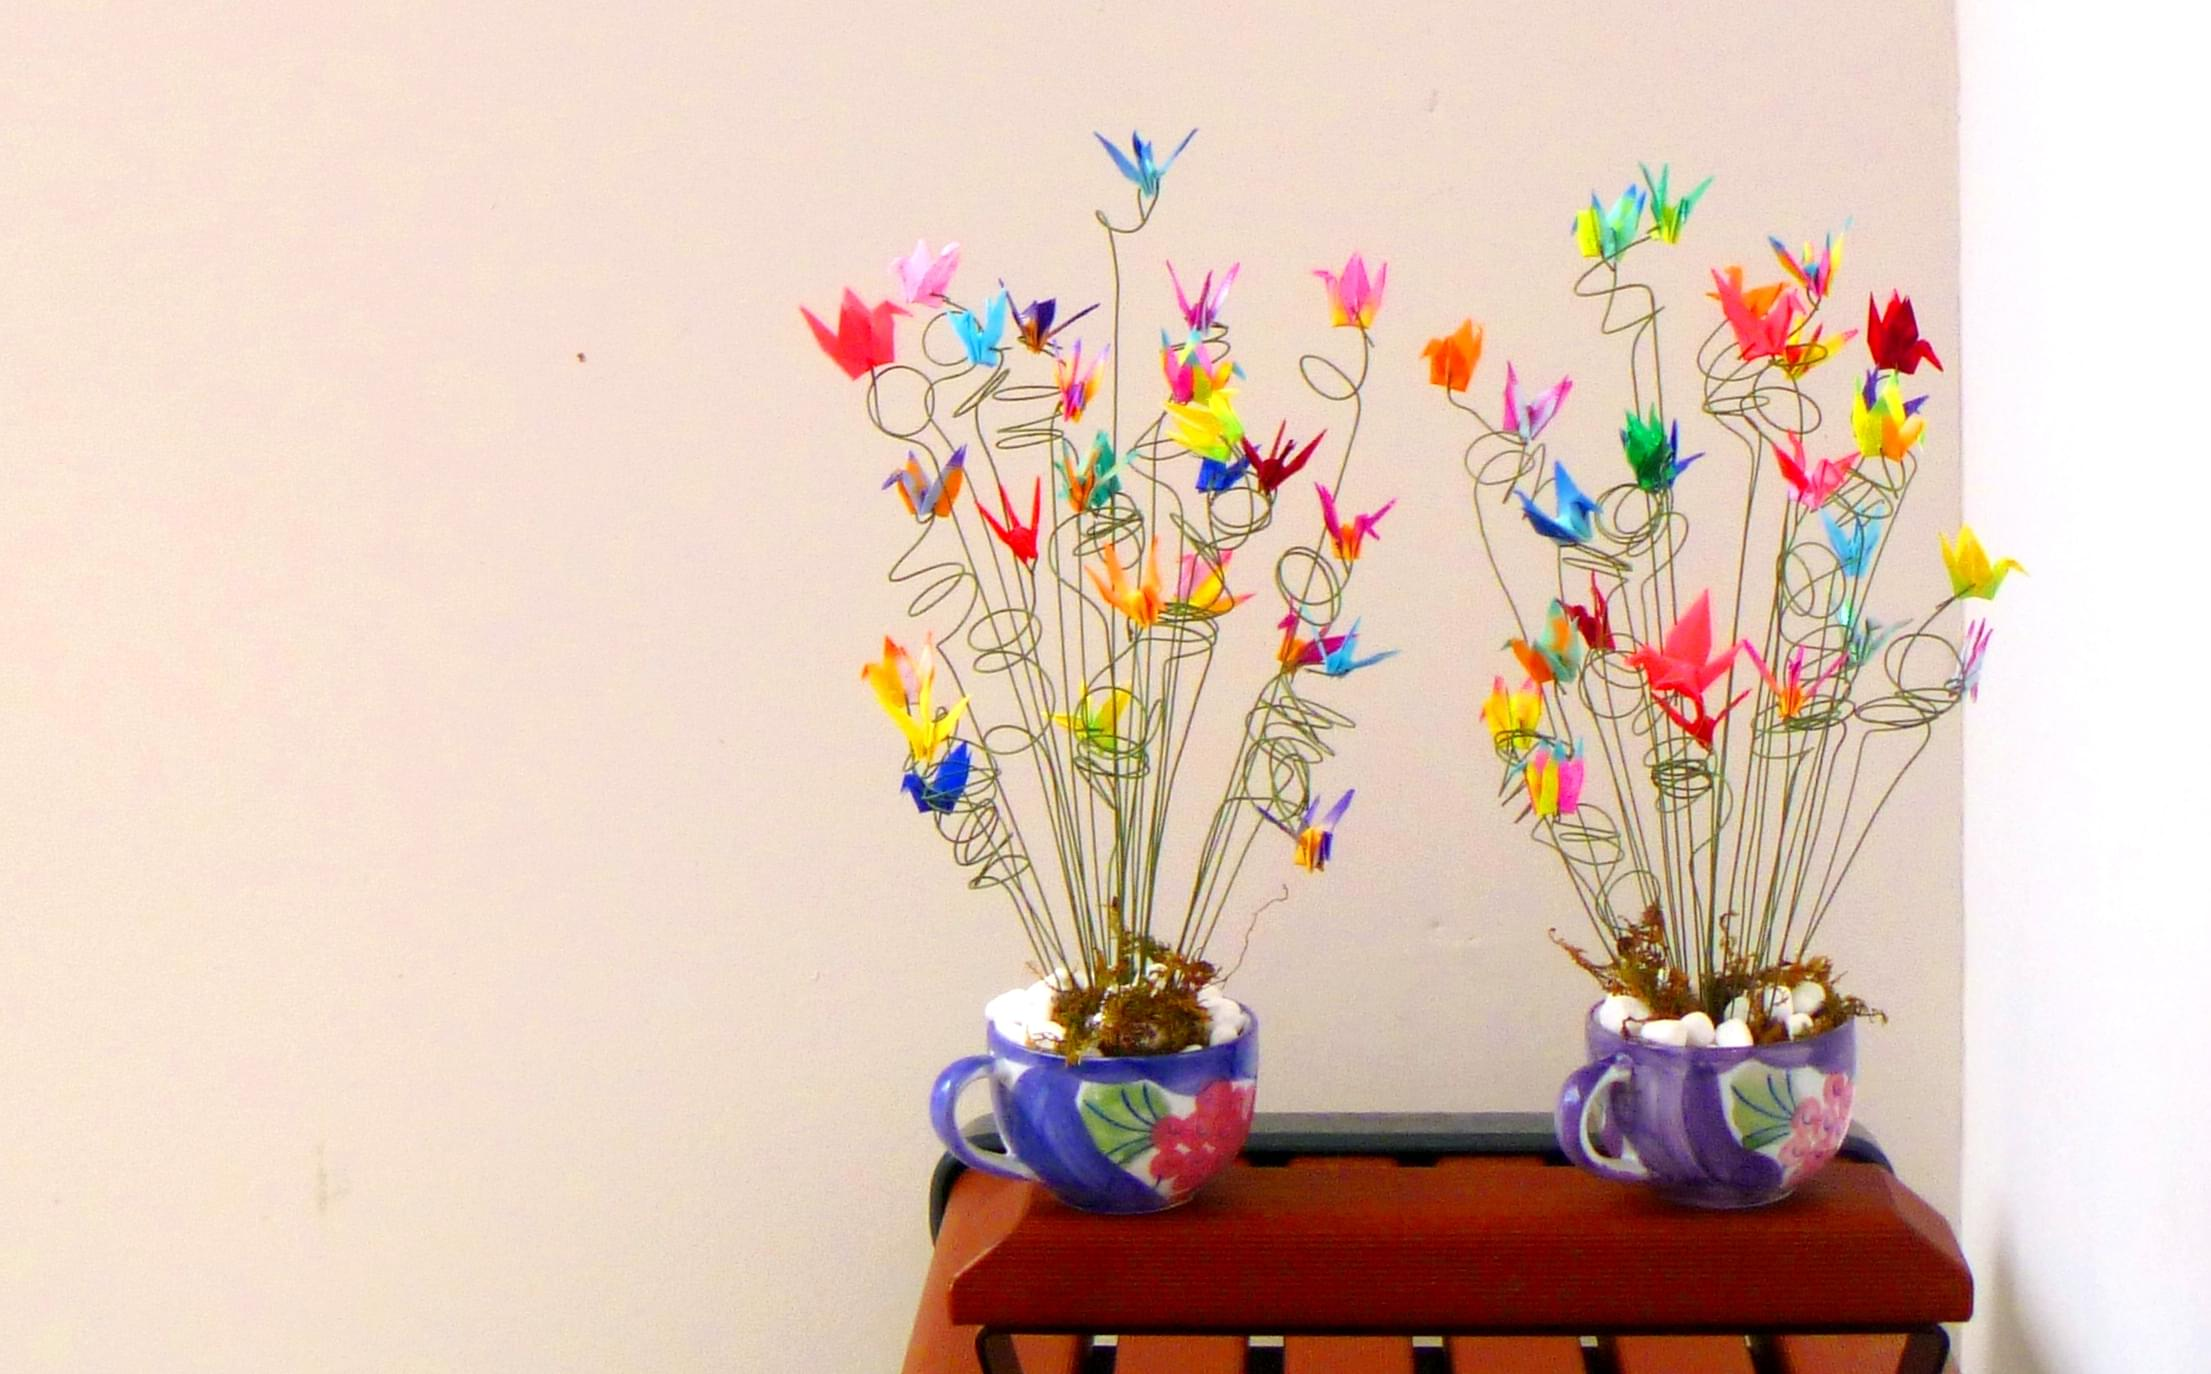 dekoracje papierowe zrób to sam origami